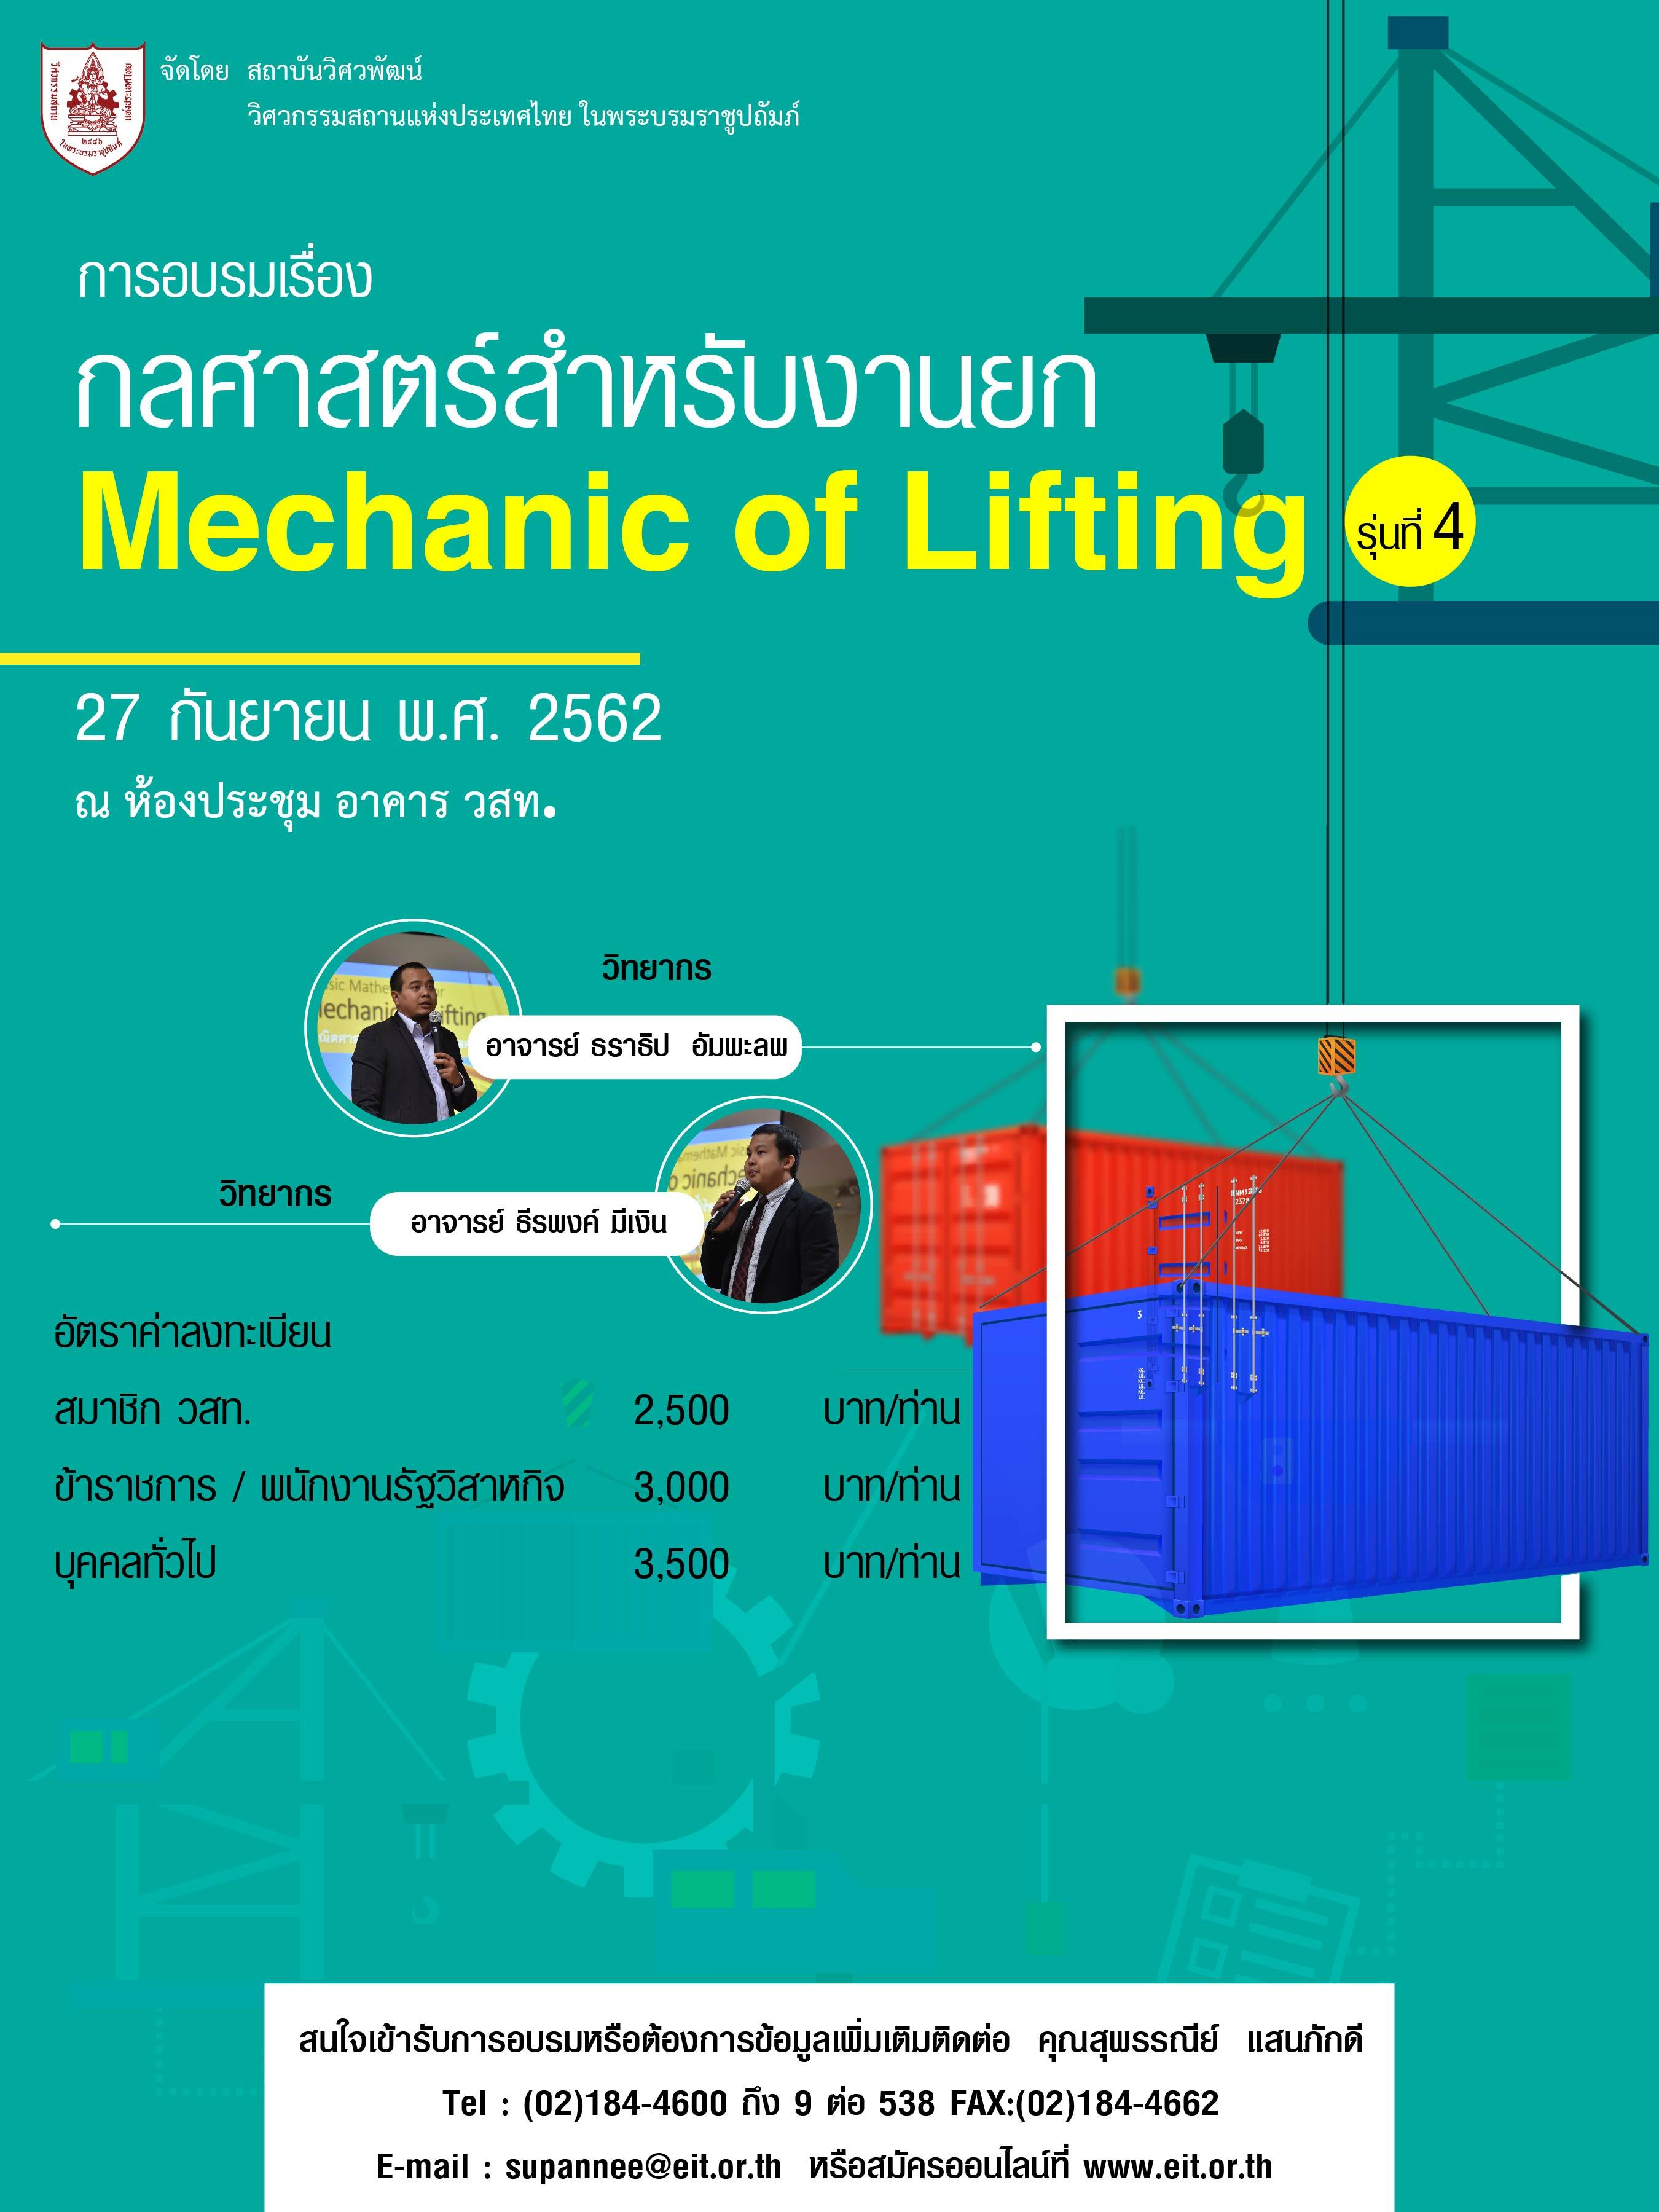 **เลื่อนอบรม** 27/09/2562 การอบรมเรื่อง กลศาสตร์สำหรับงานยก (Mechanic of Lifting) รุ่นที่ 4